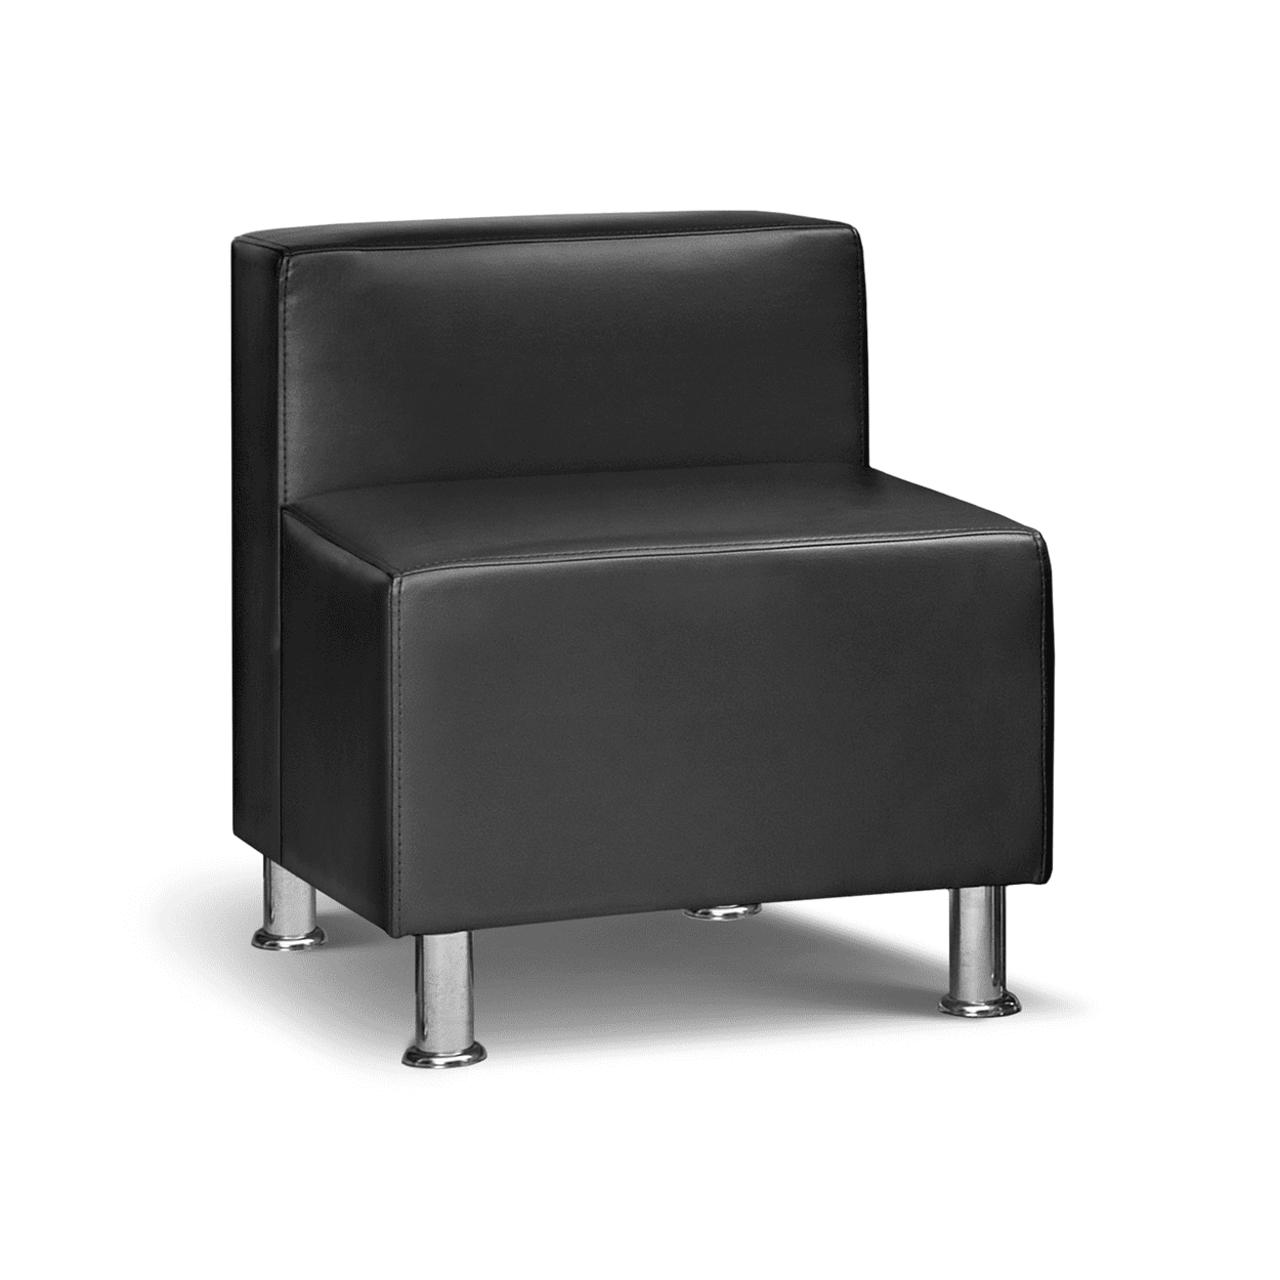 Мягкая офисная мебель Лагуна - фото 2